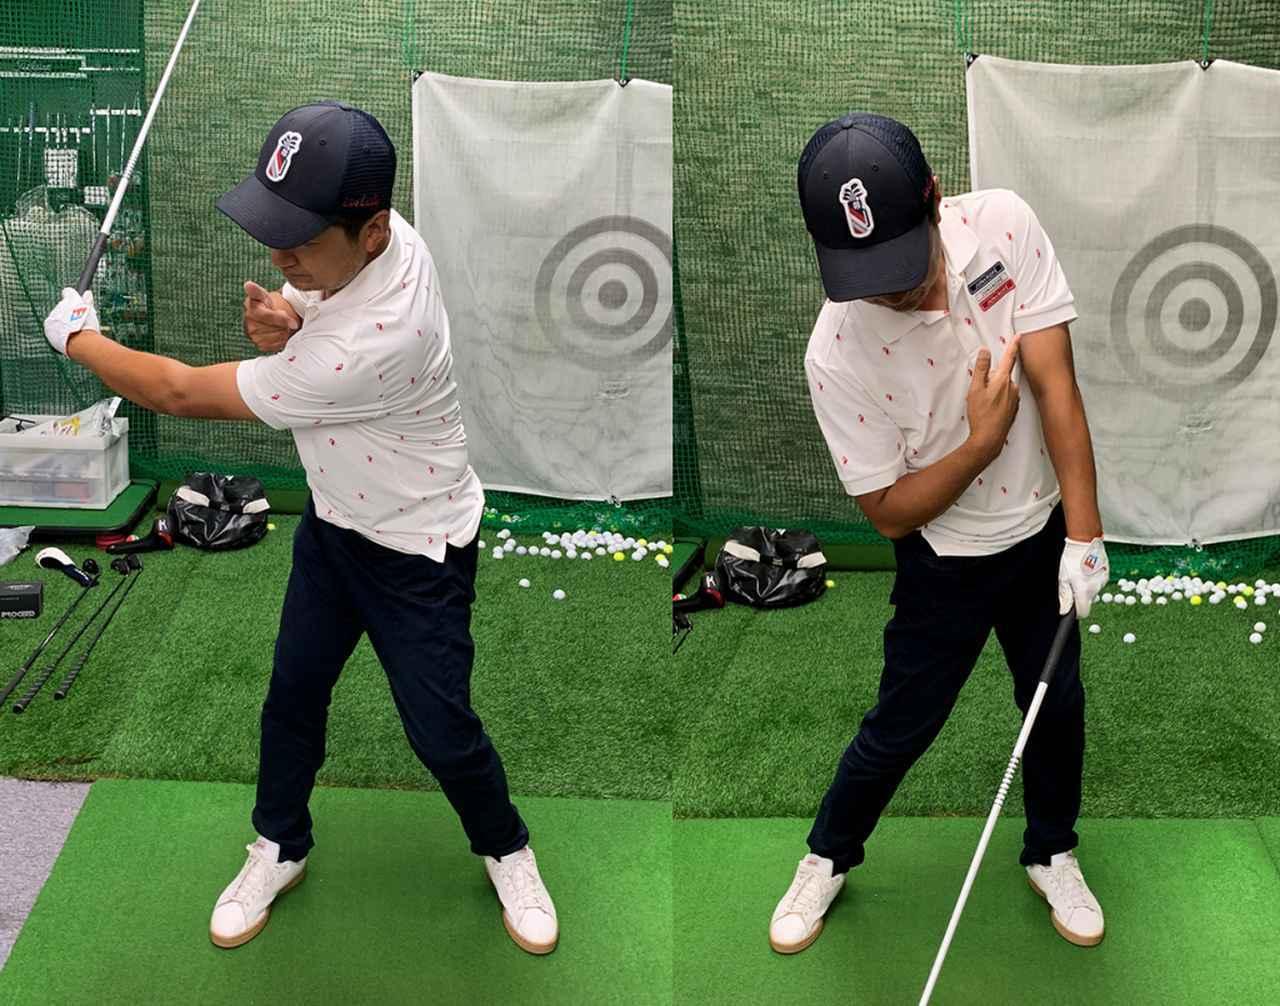 画像: (左)左手主導だとバックスウィングで自然と体が回る。(右)背中の大きな筋肉でクラブを下ろしやすくなるけれど、しっかりと下半身から始動してやることが大事です